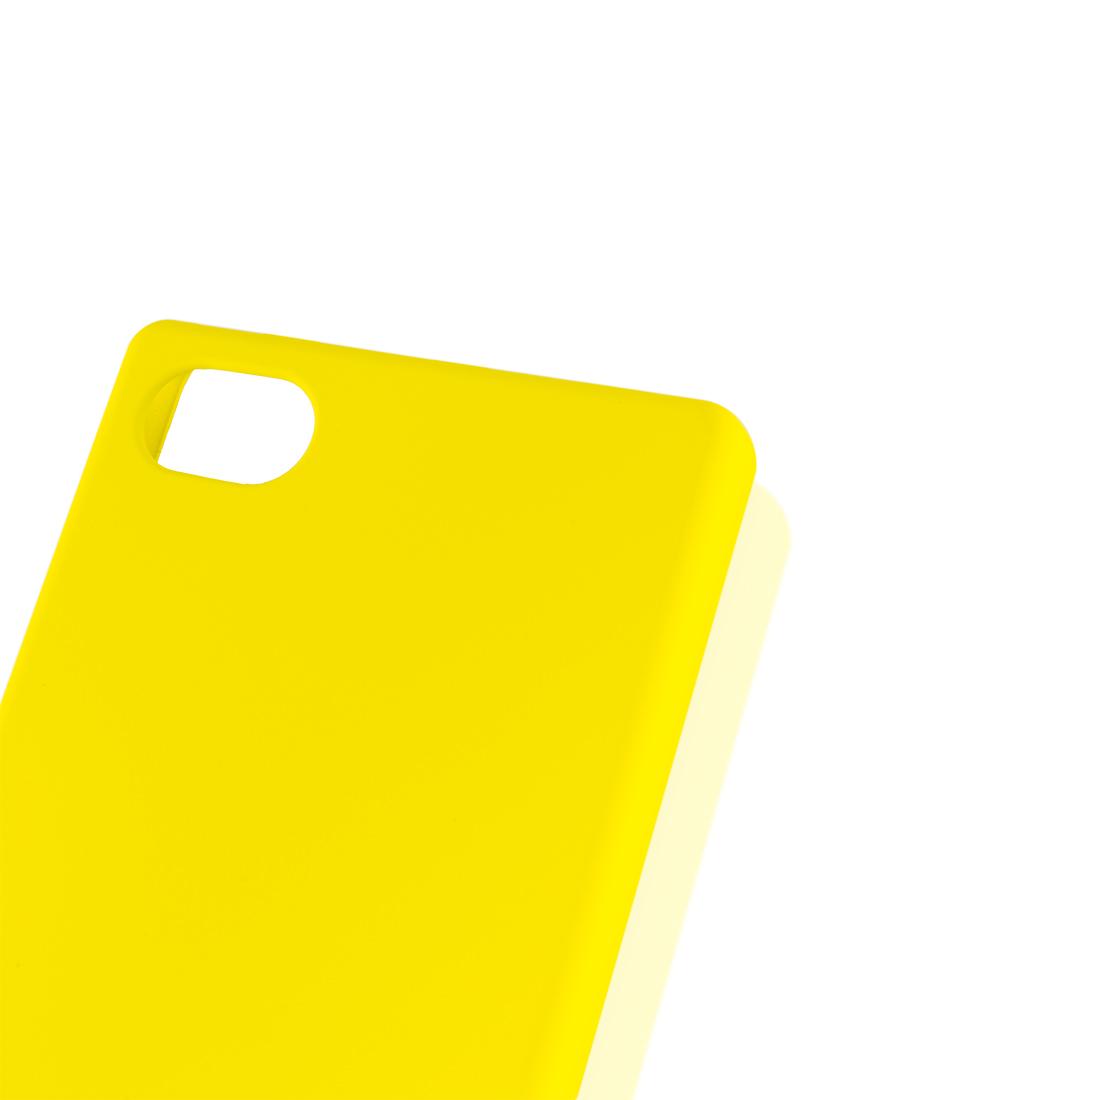 Пластиковый бампер для Xperia Z5 Compact жёлтого цвета